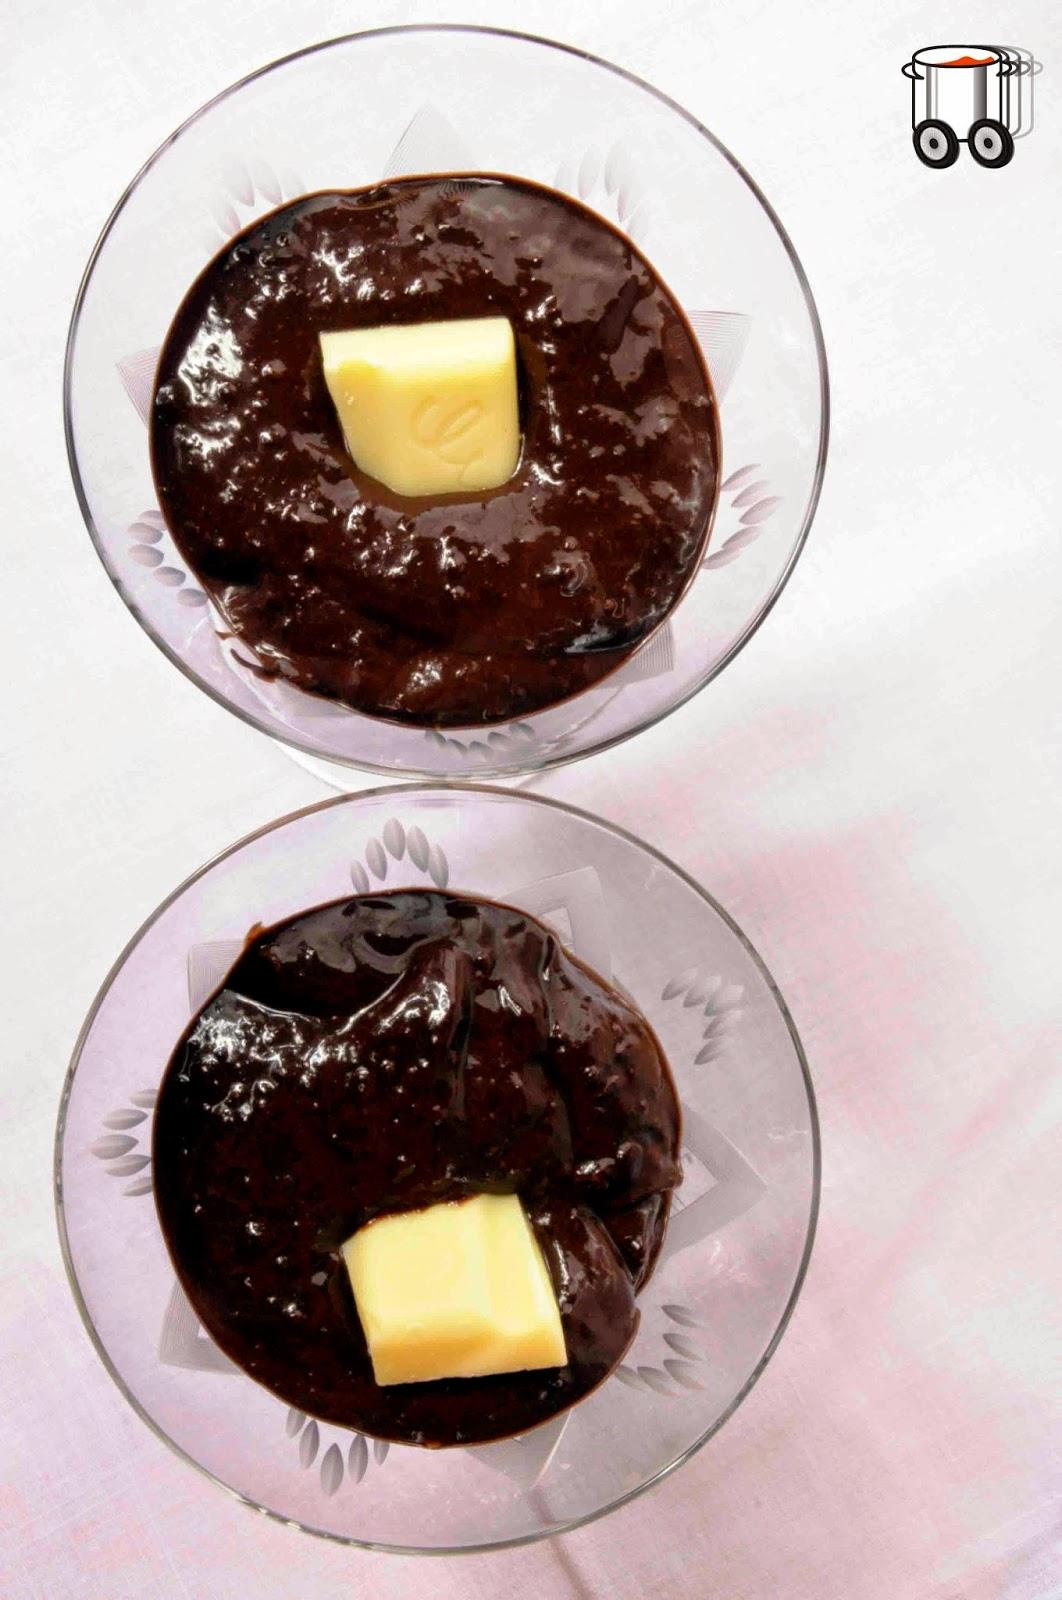 Szybko Tanio Smacznie - Domowy budyń czekoladowy (bez glutenu, bez laktozy, bez jajek)